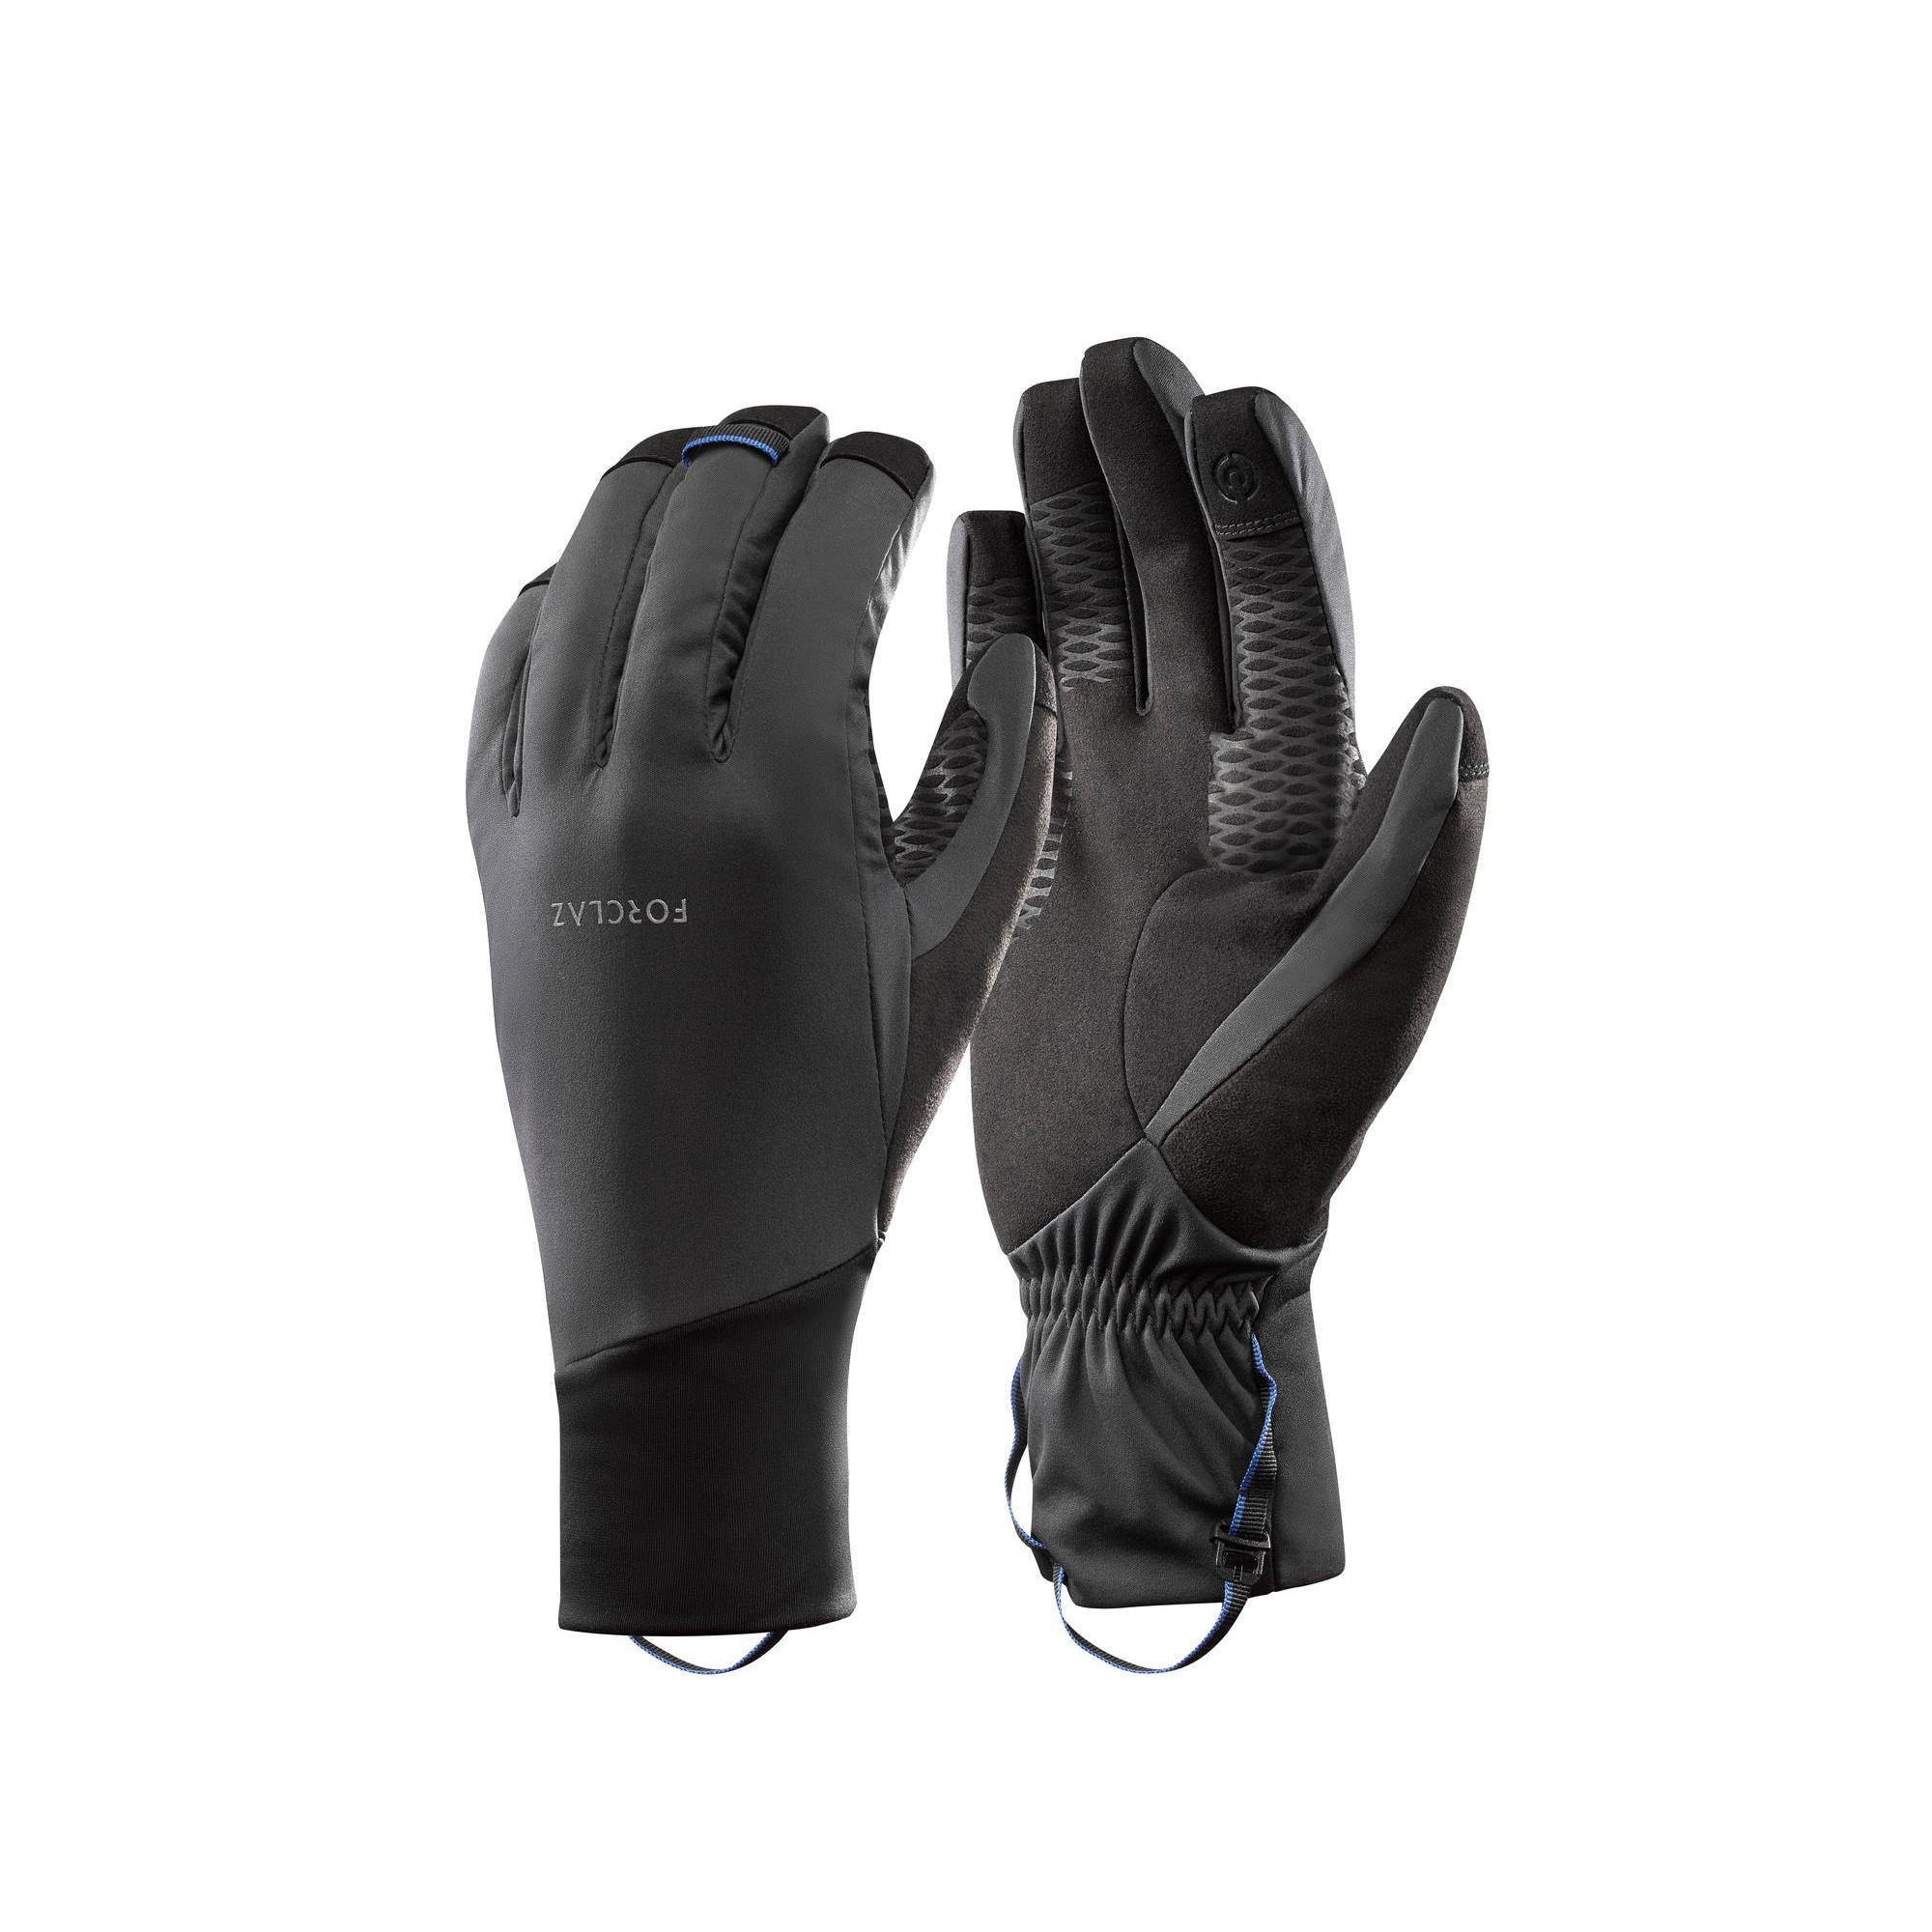 Handschuhe Trek 900 winddicht Erwachsene grau